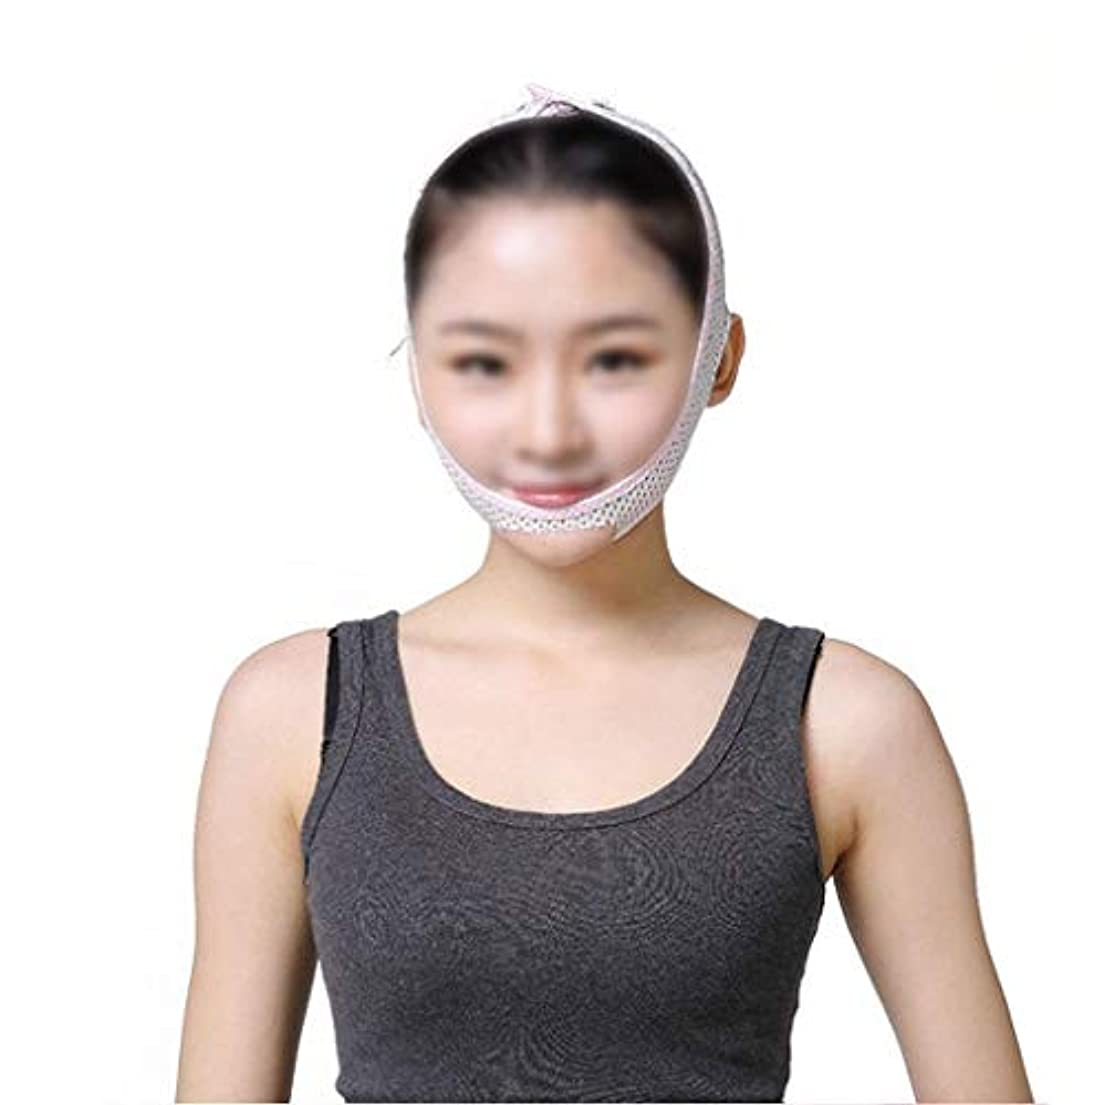 積極的に争い偽善フェイスリフティングマスク、快適で リフティングスキンファーミングスリープシンフェイスアーティファクトアンチリンクル/リムーブダブルチン/術後回復マスク(サイズ:M)